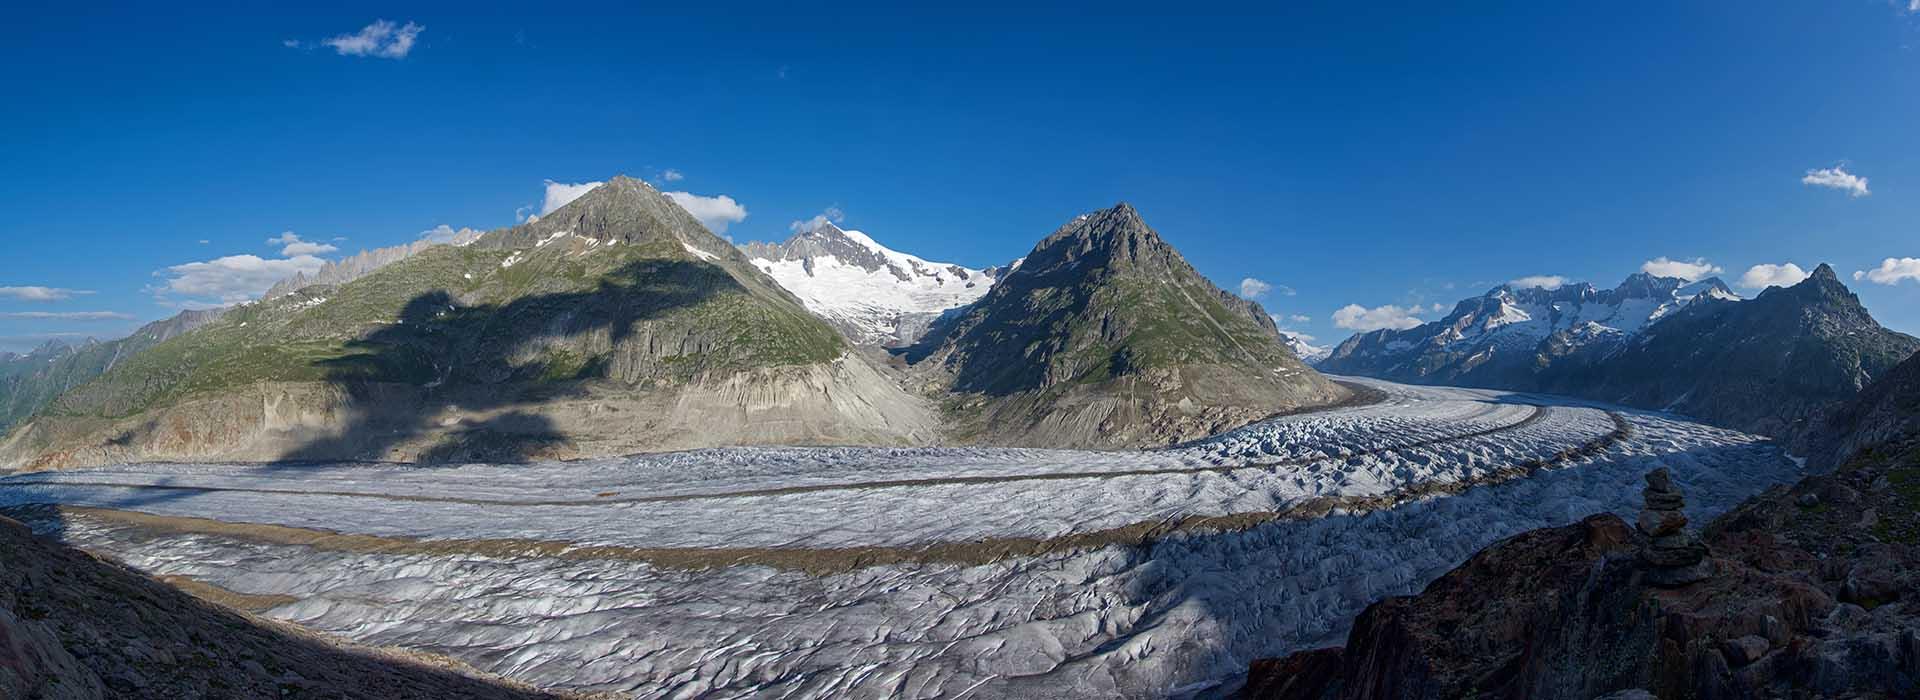 Aletschgletscher und Aletschhorn